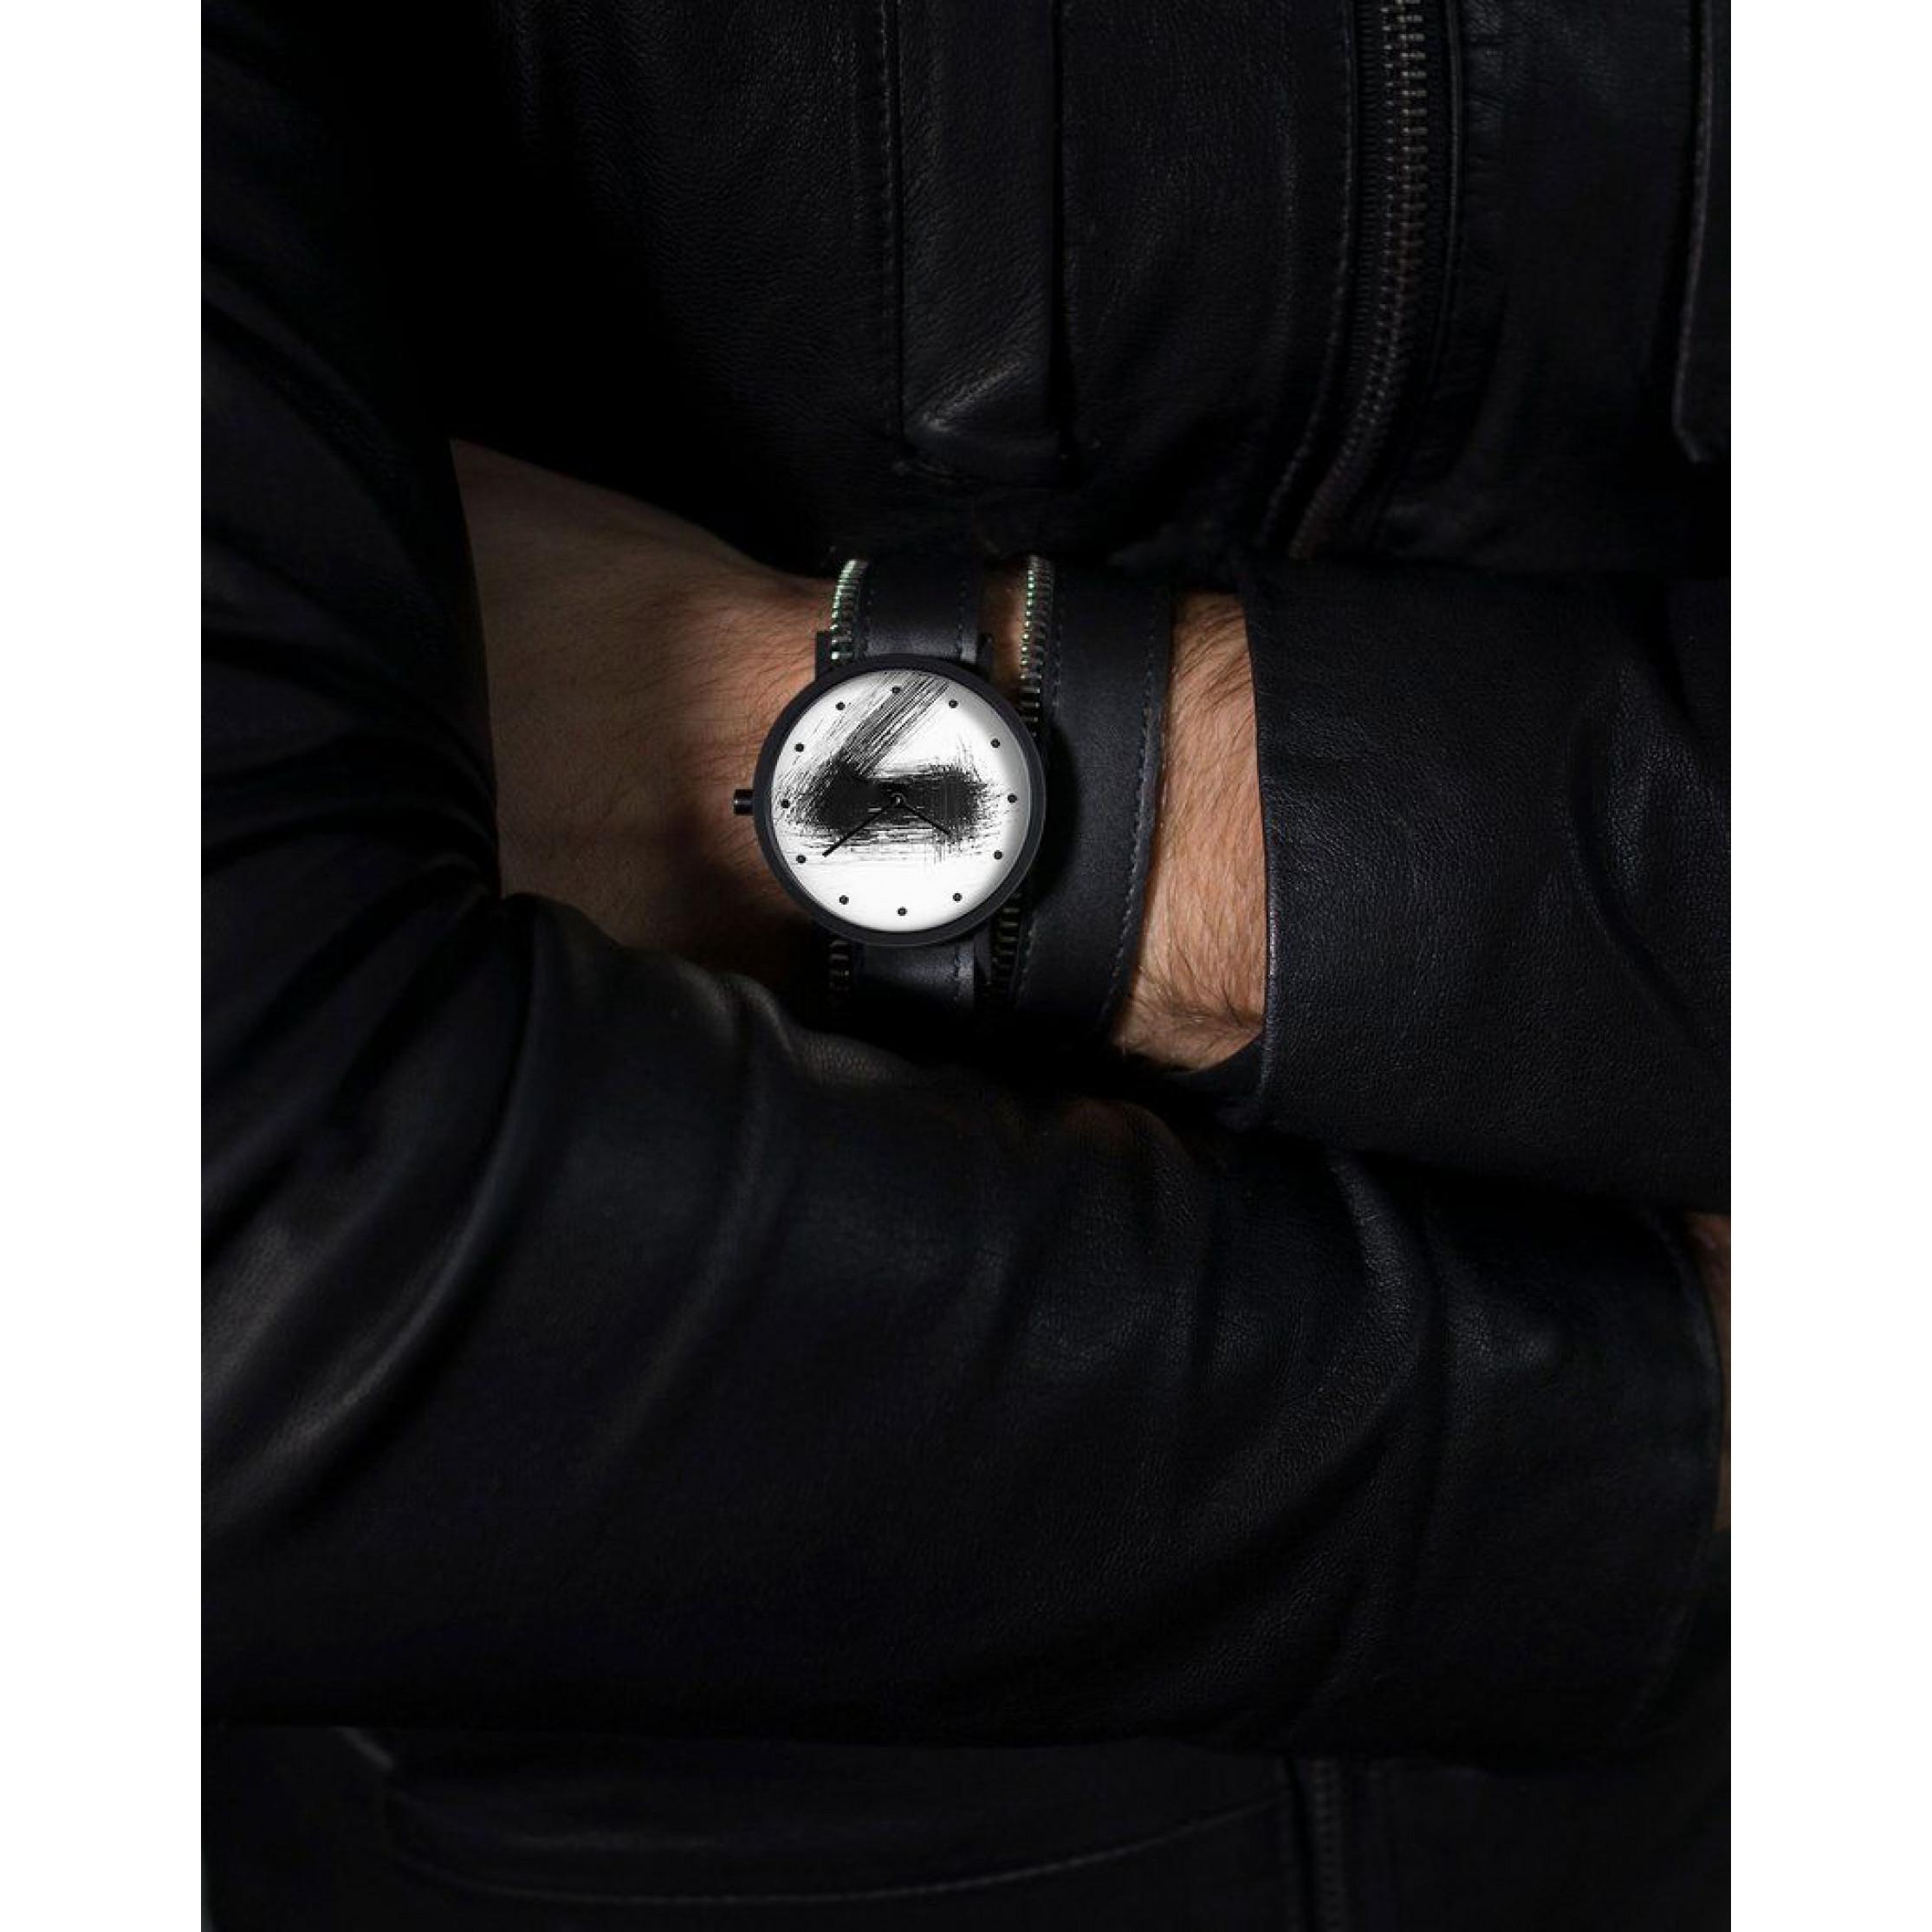 Avant Silent Double Side Zip Watch | Black